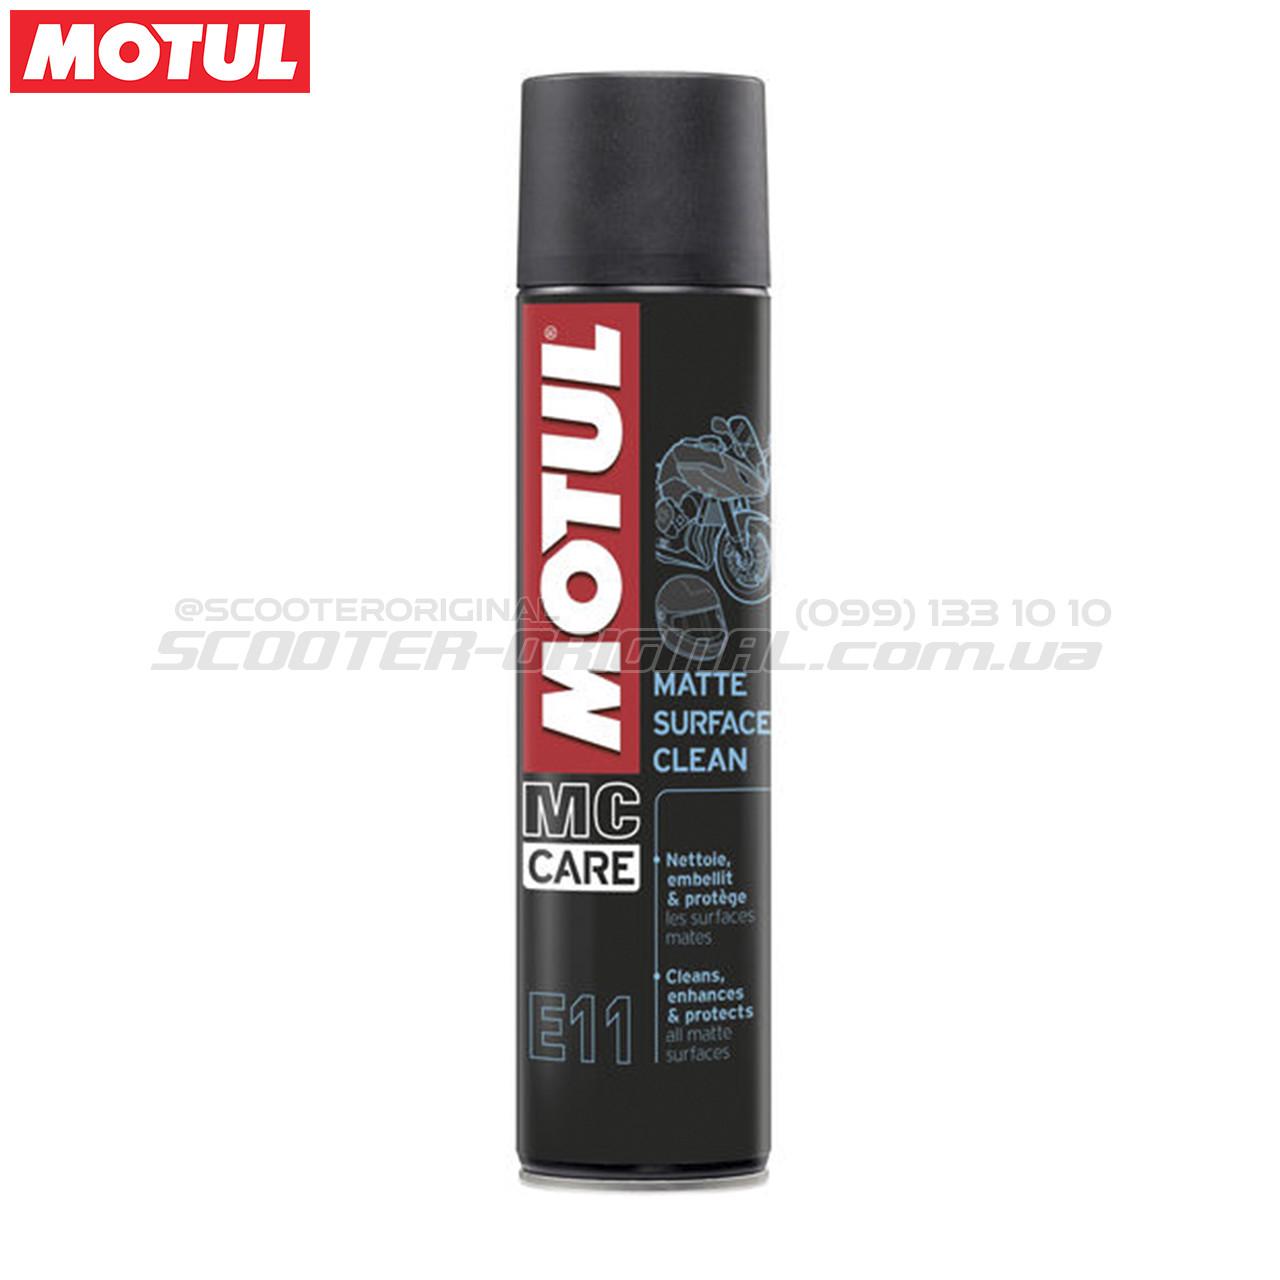 Очищувач матових поверхонь MOTUL E11 Matte Surface Clean (400 мл)